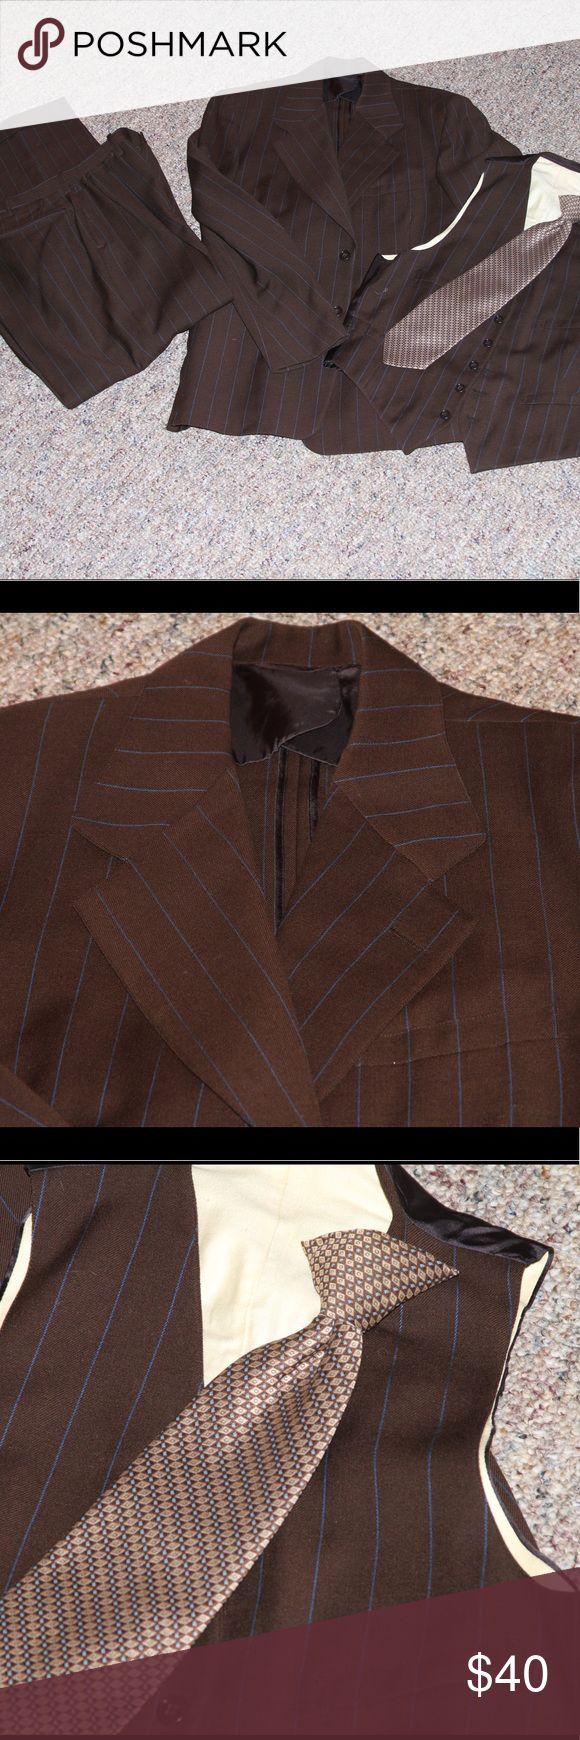 Men's 3 Piece Suit plus clip on tie VINTAGE ReLove 💚this vintage three piece 38L Suit Marx & Hauas Suits & Blazers Suits